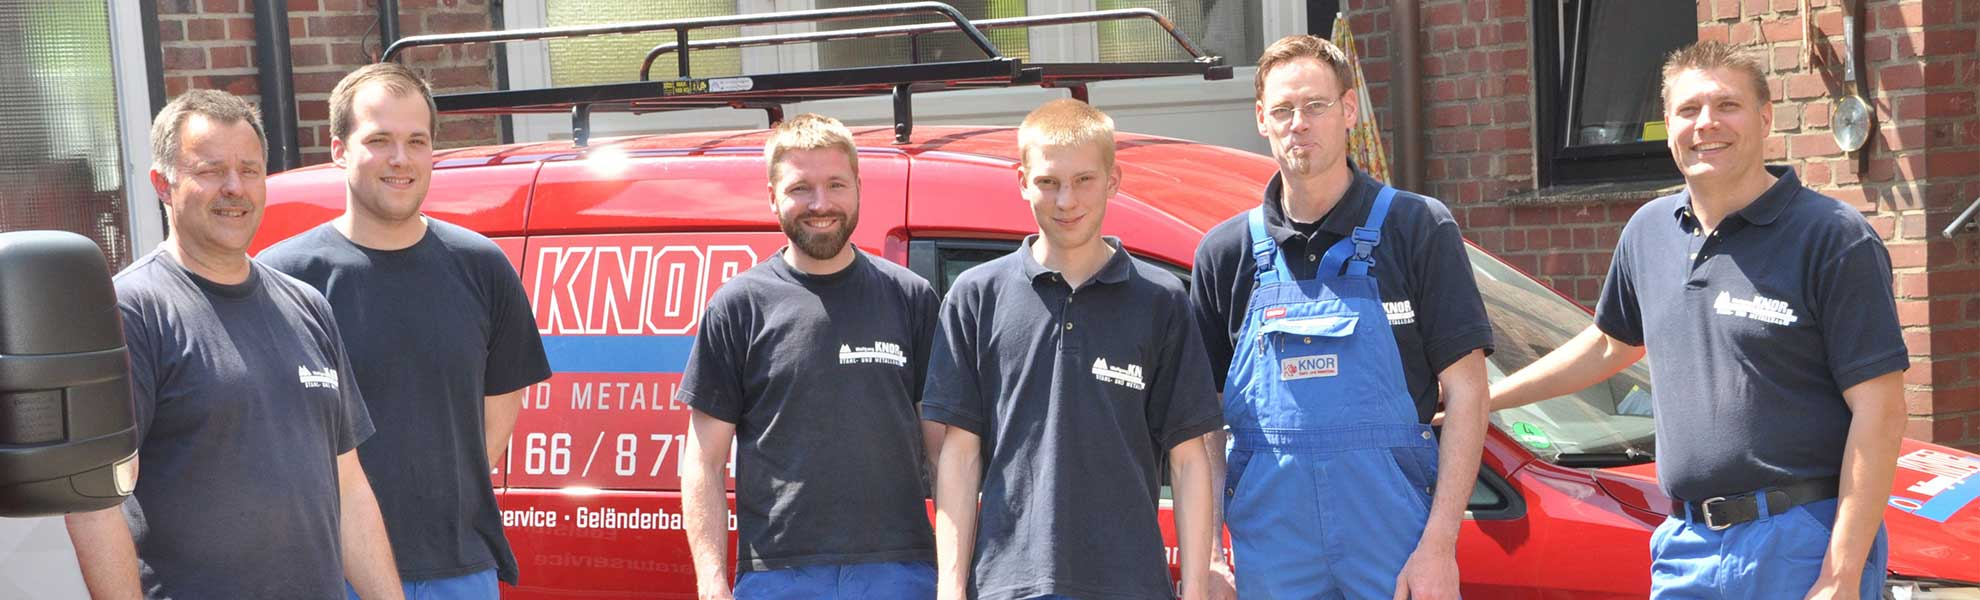 Team von Bauschlosserei Wolfgang Knor aus Mönchengladbach